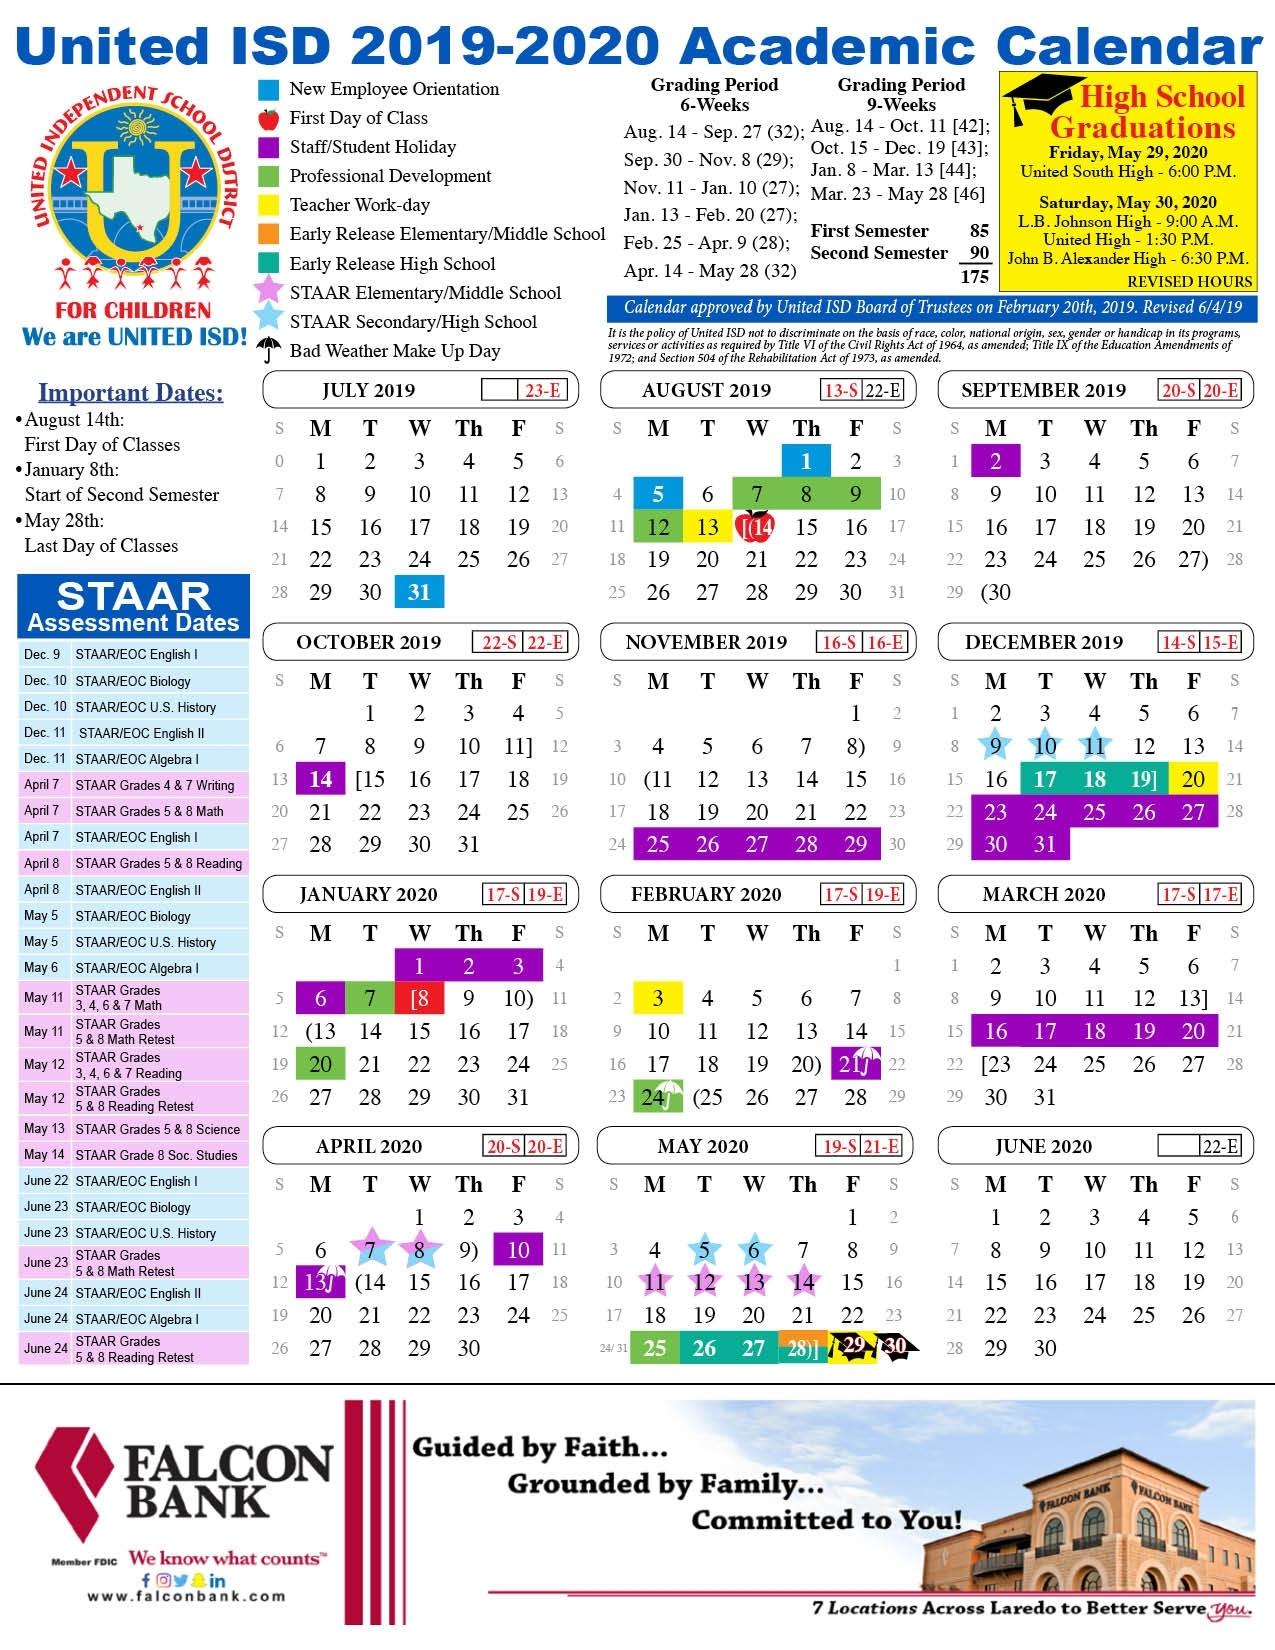 United Isd - Academic Calendar regarding Calendar 2019-2020 Important Dates